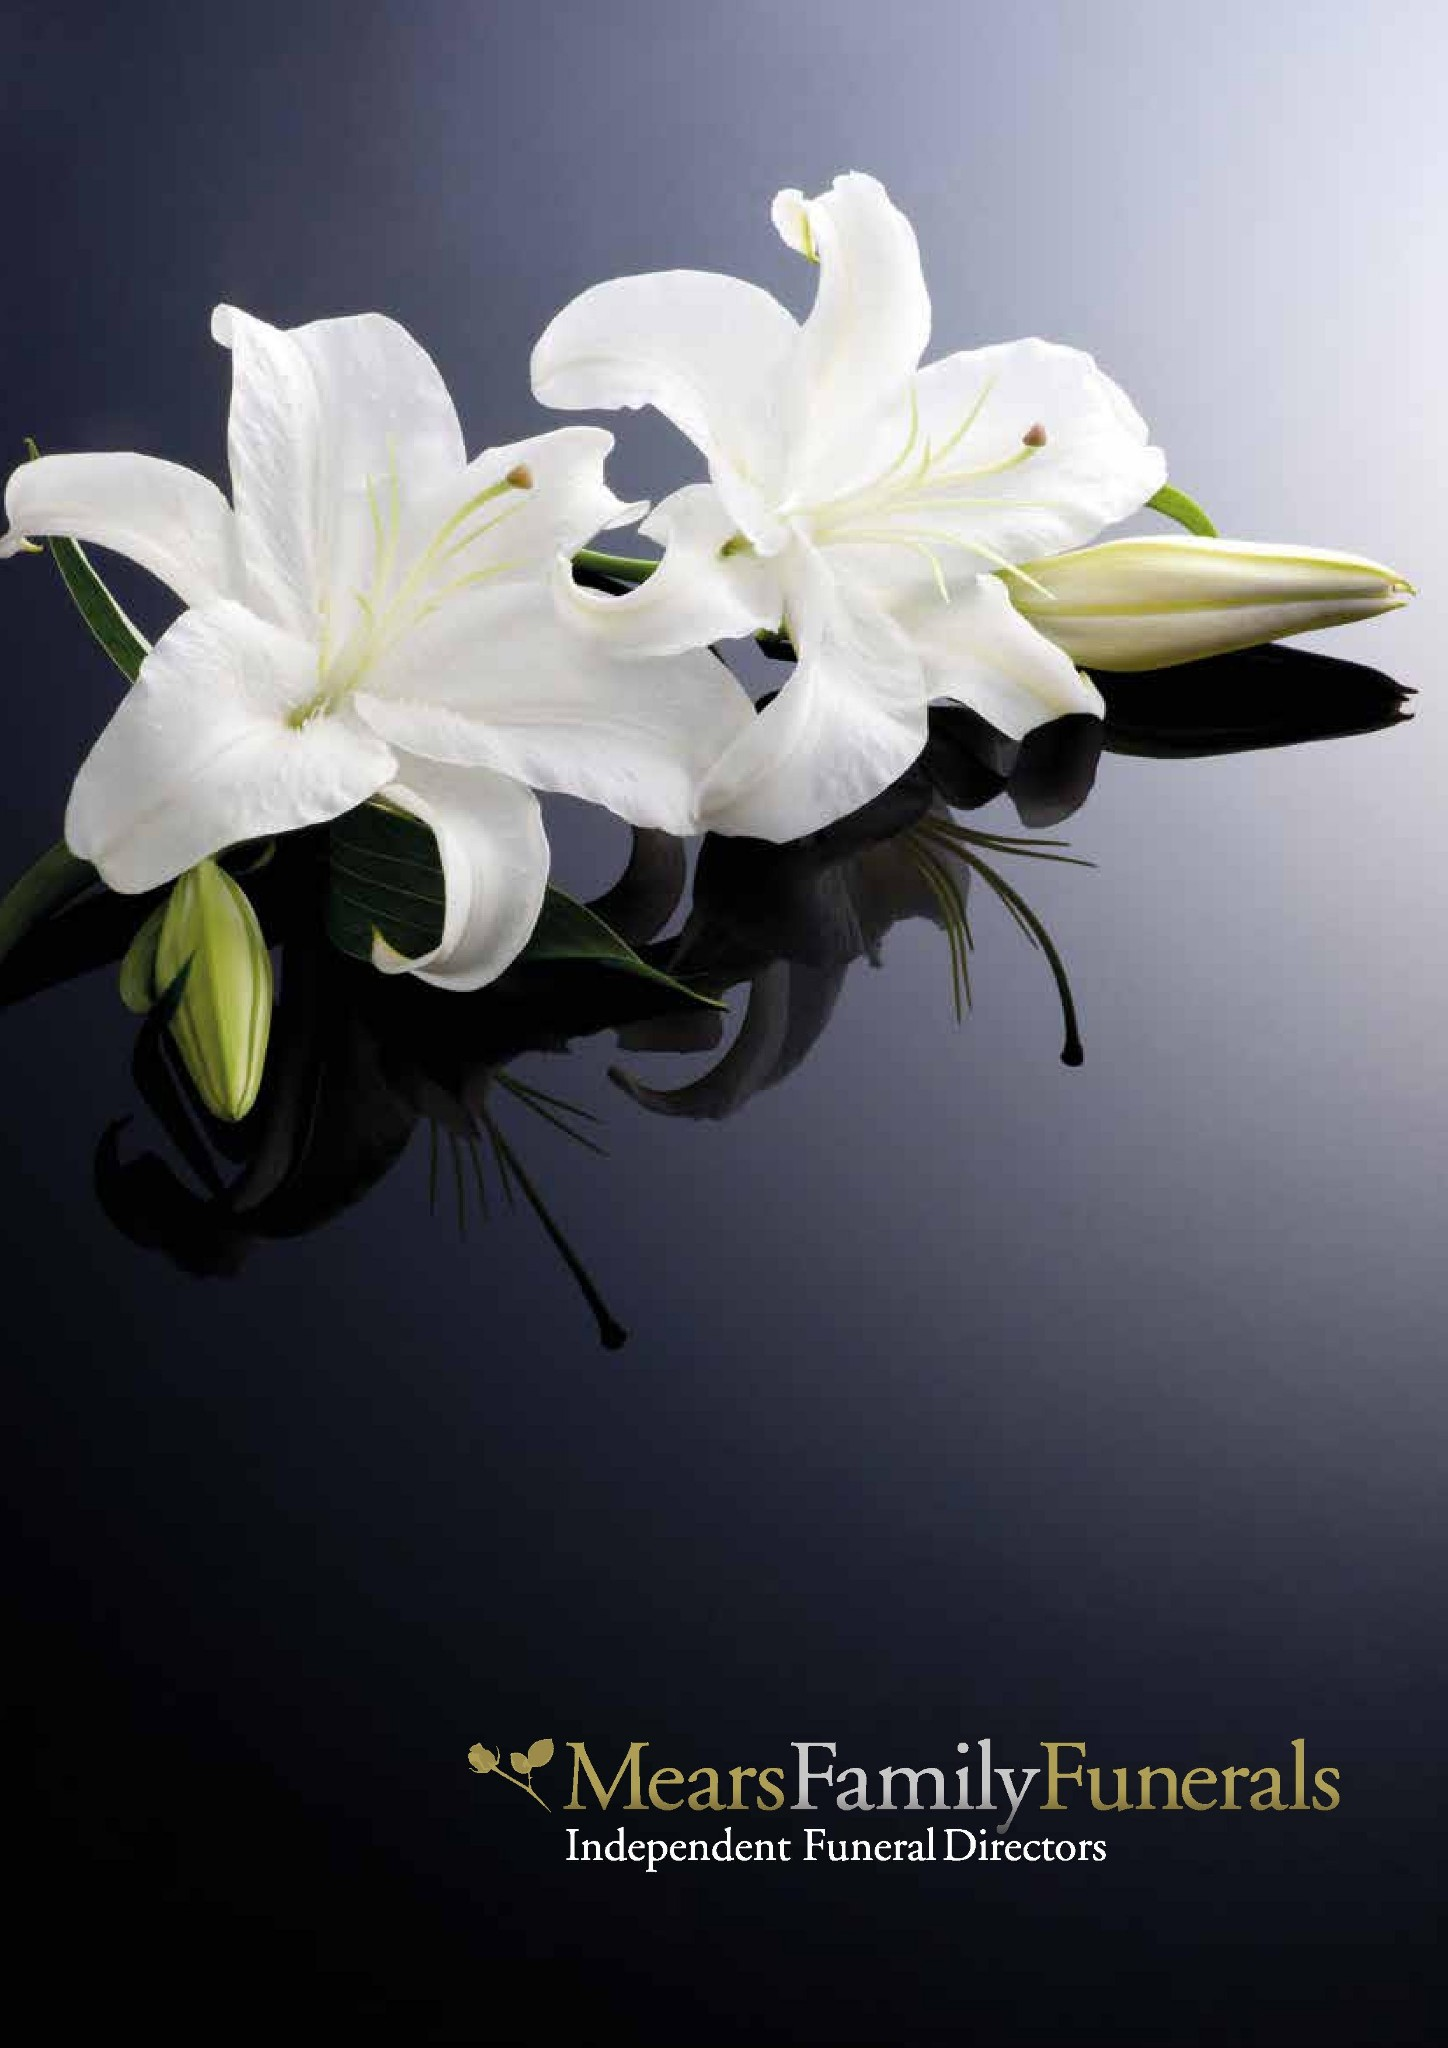 mff-memorials-brochure-40pp-a4_v1-page-001-1-